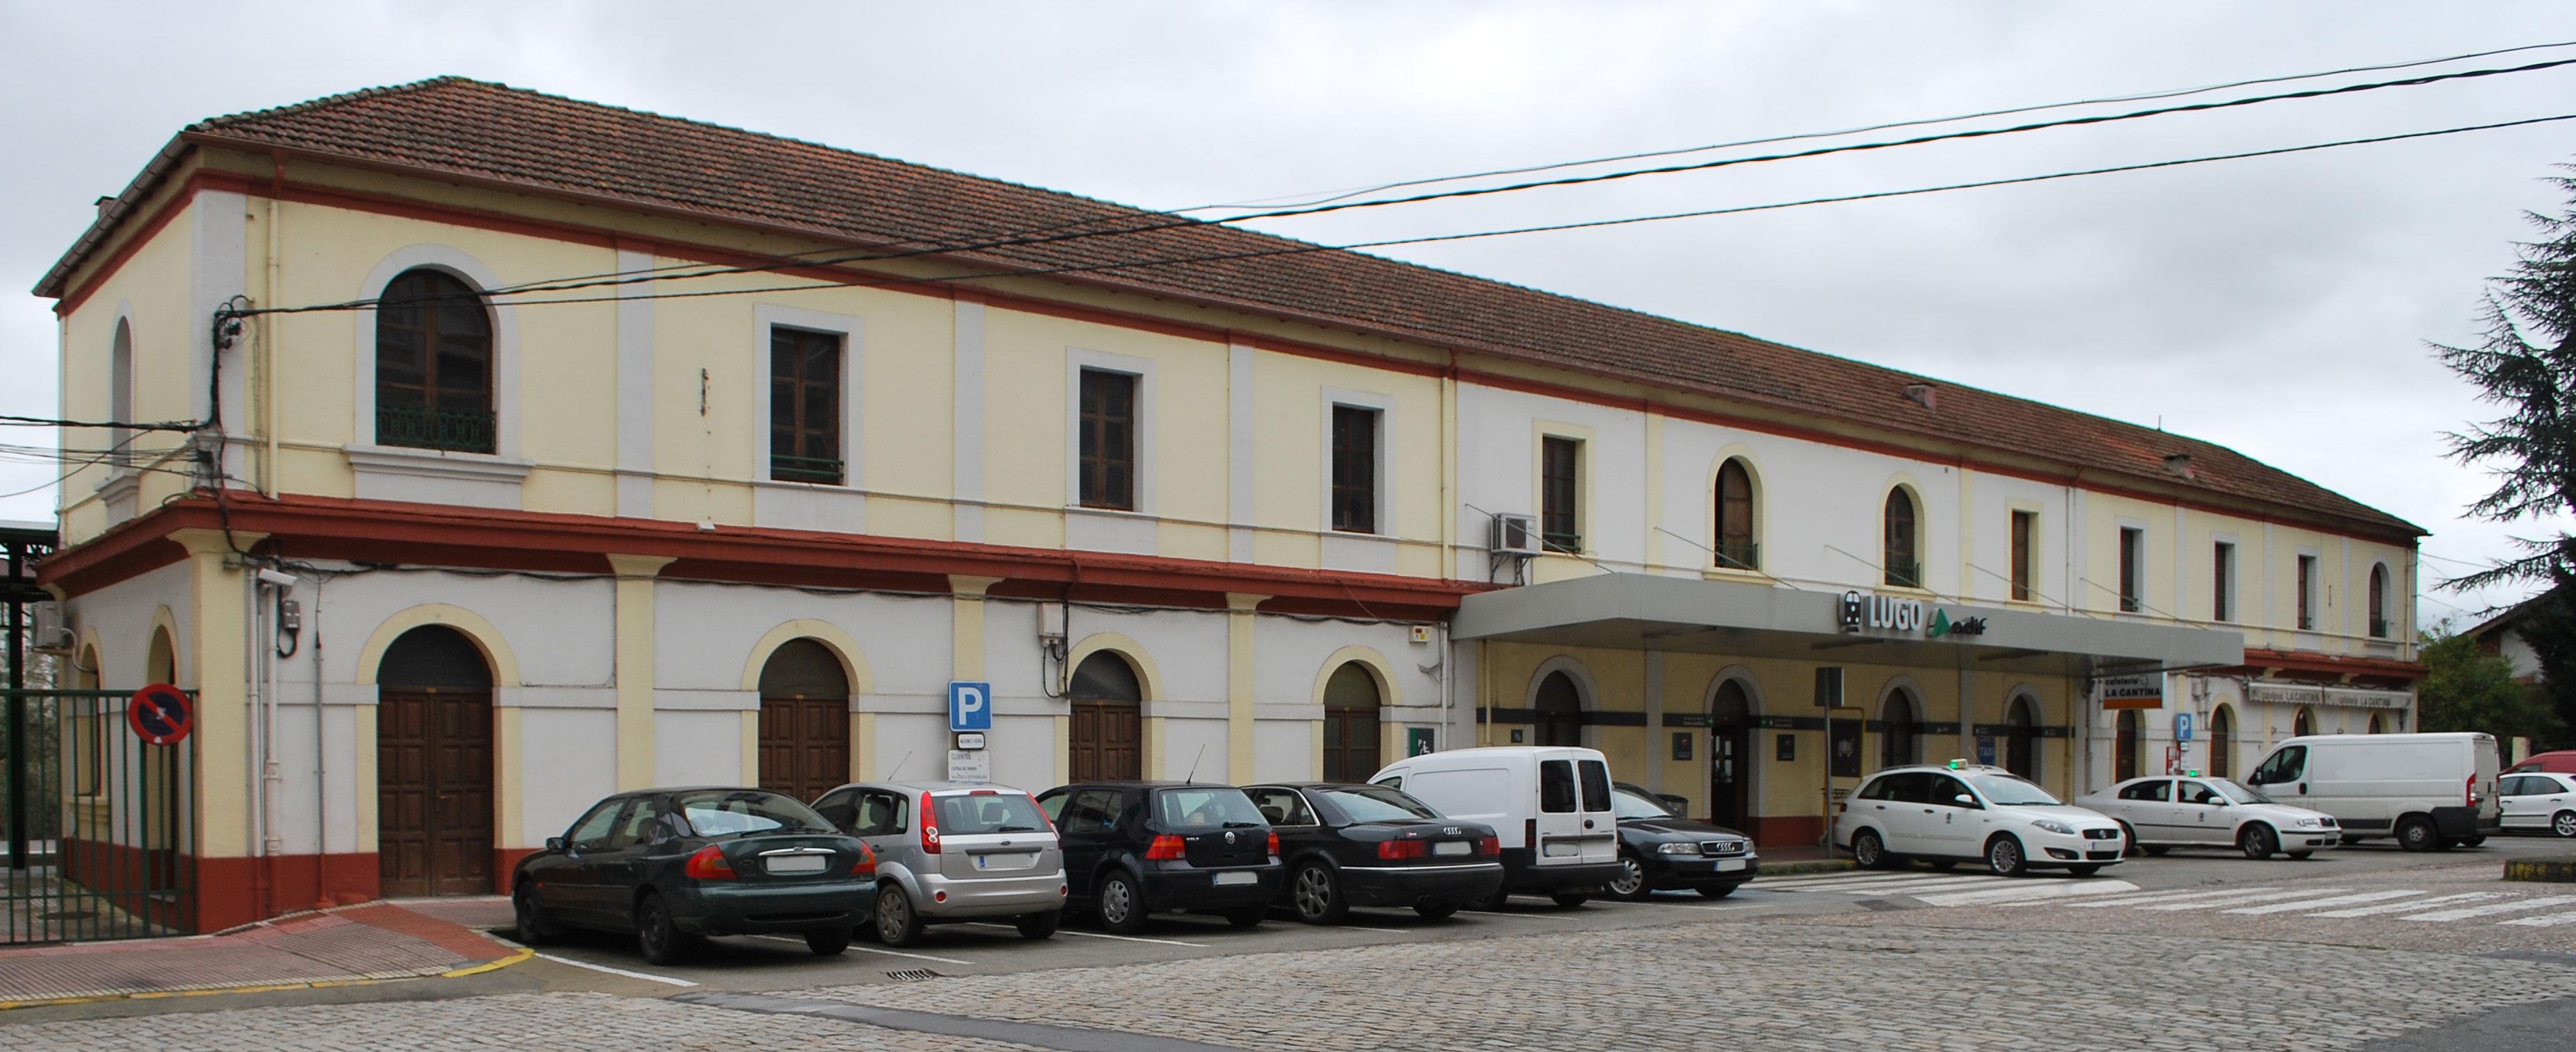 Estación de Lugo - Wikipedia, la enciclopedia libre